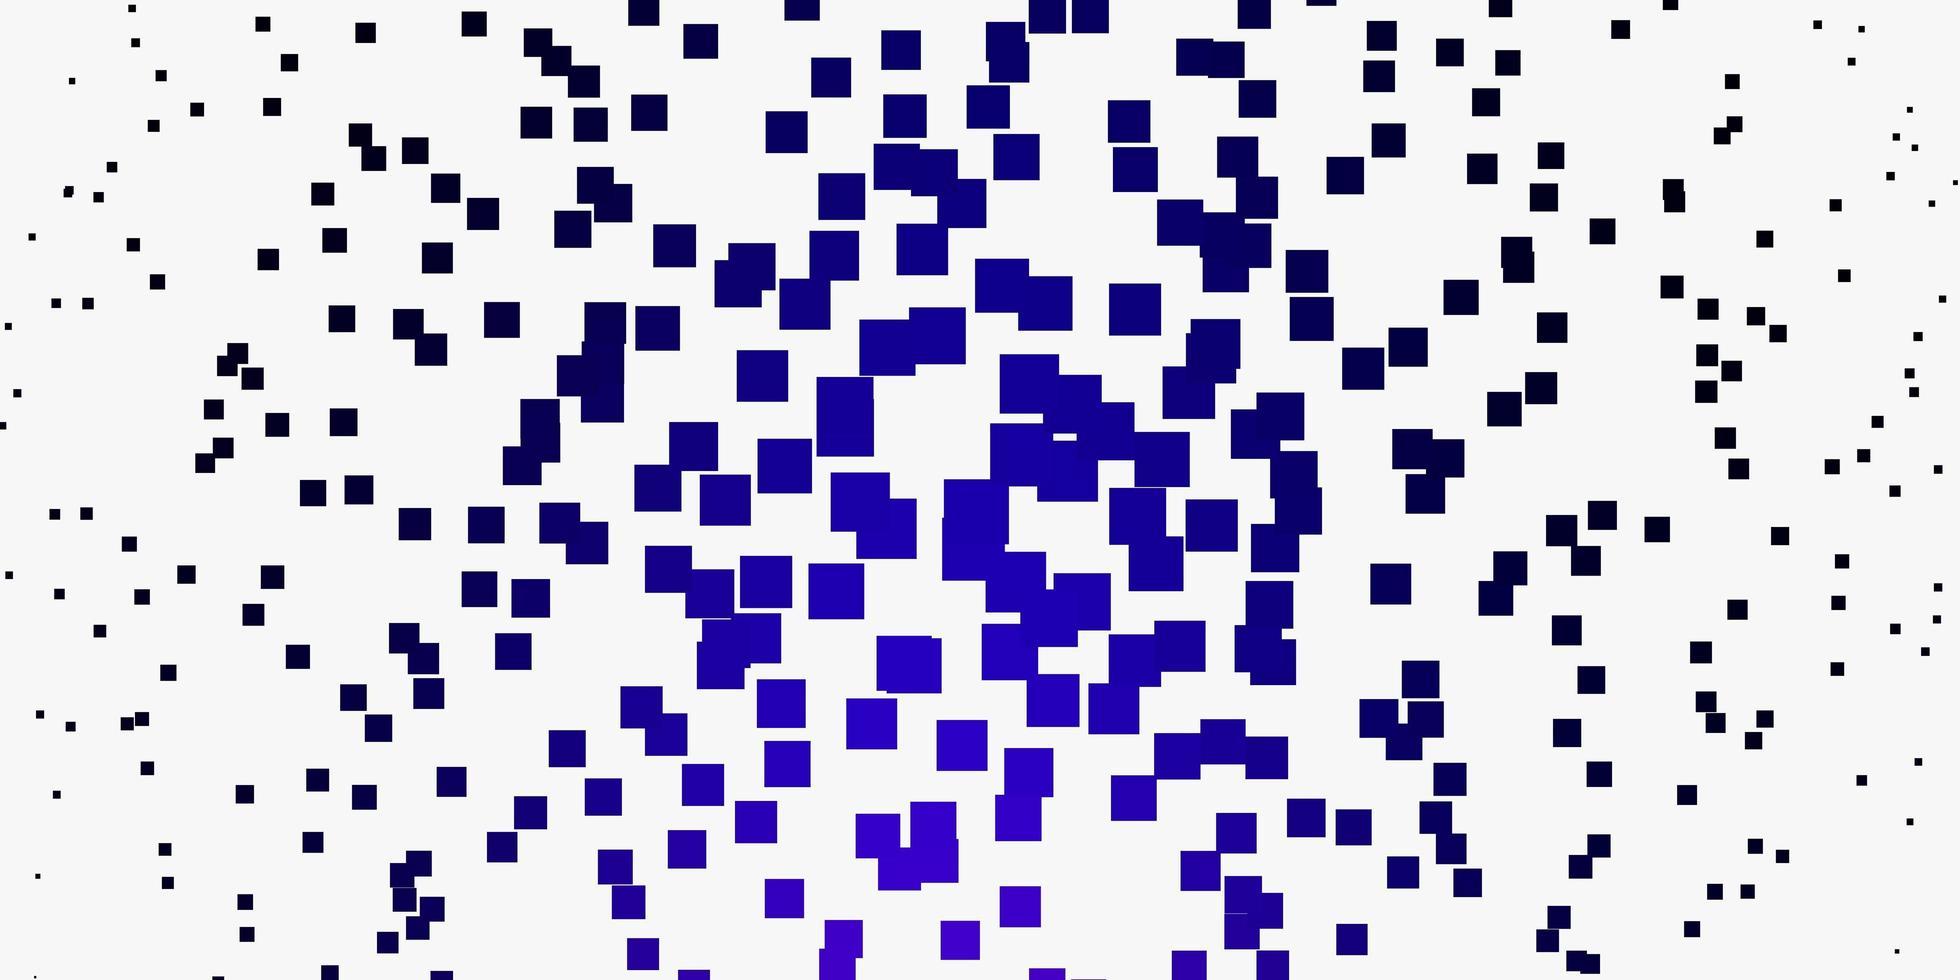 blauer Hintergrund mit Rechtecken. vektor